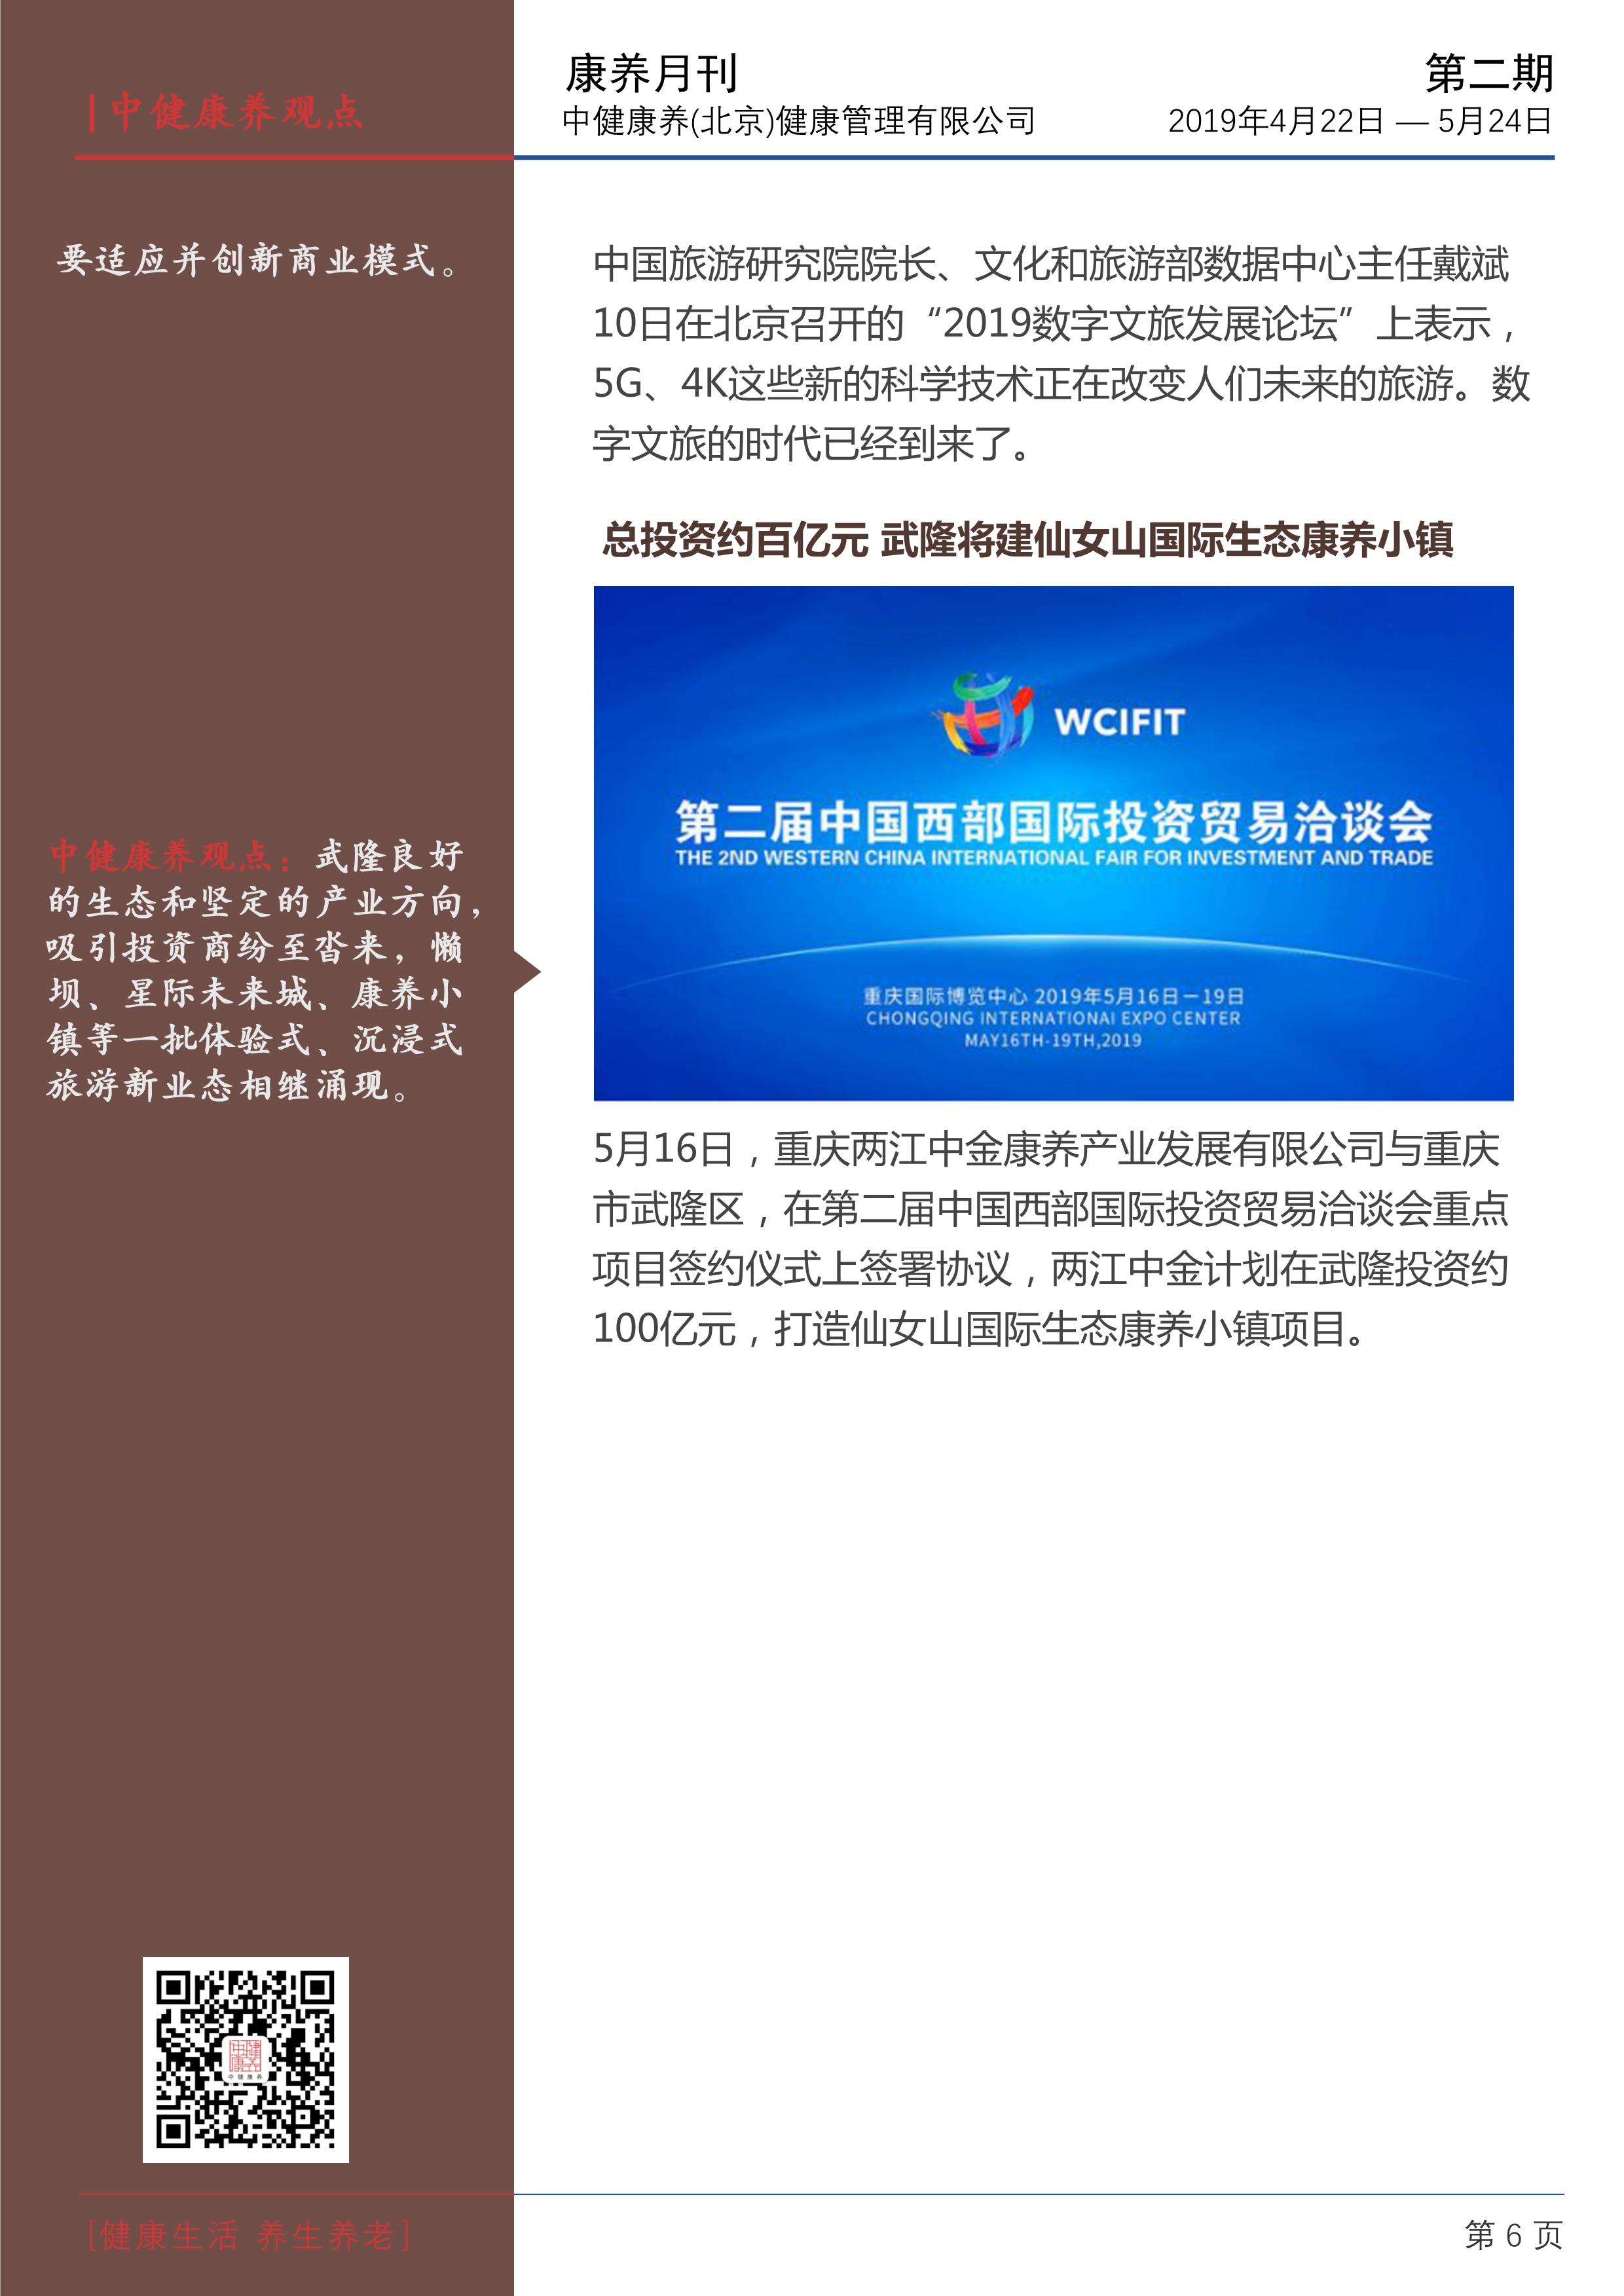 康養月刊-第二期6.3v.2_IMG-康養月刊-第二期6.3v.2_6